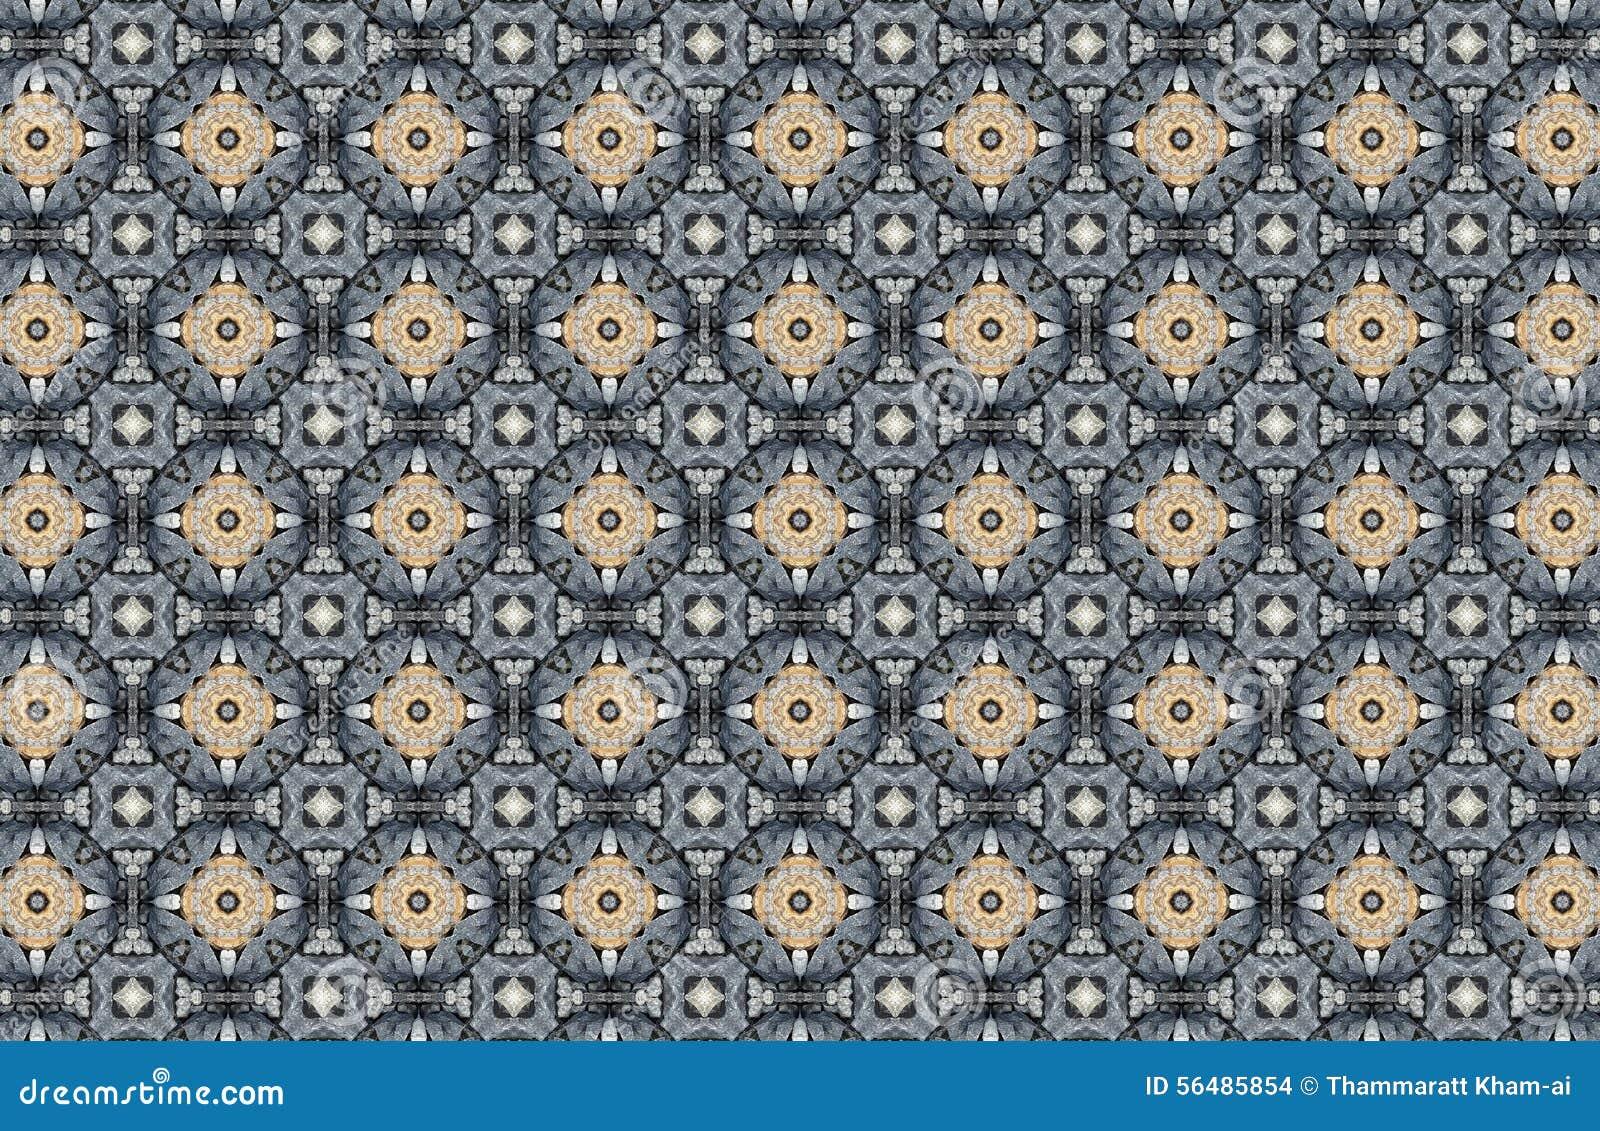 La texture abstraite de granit modèle le fond